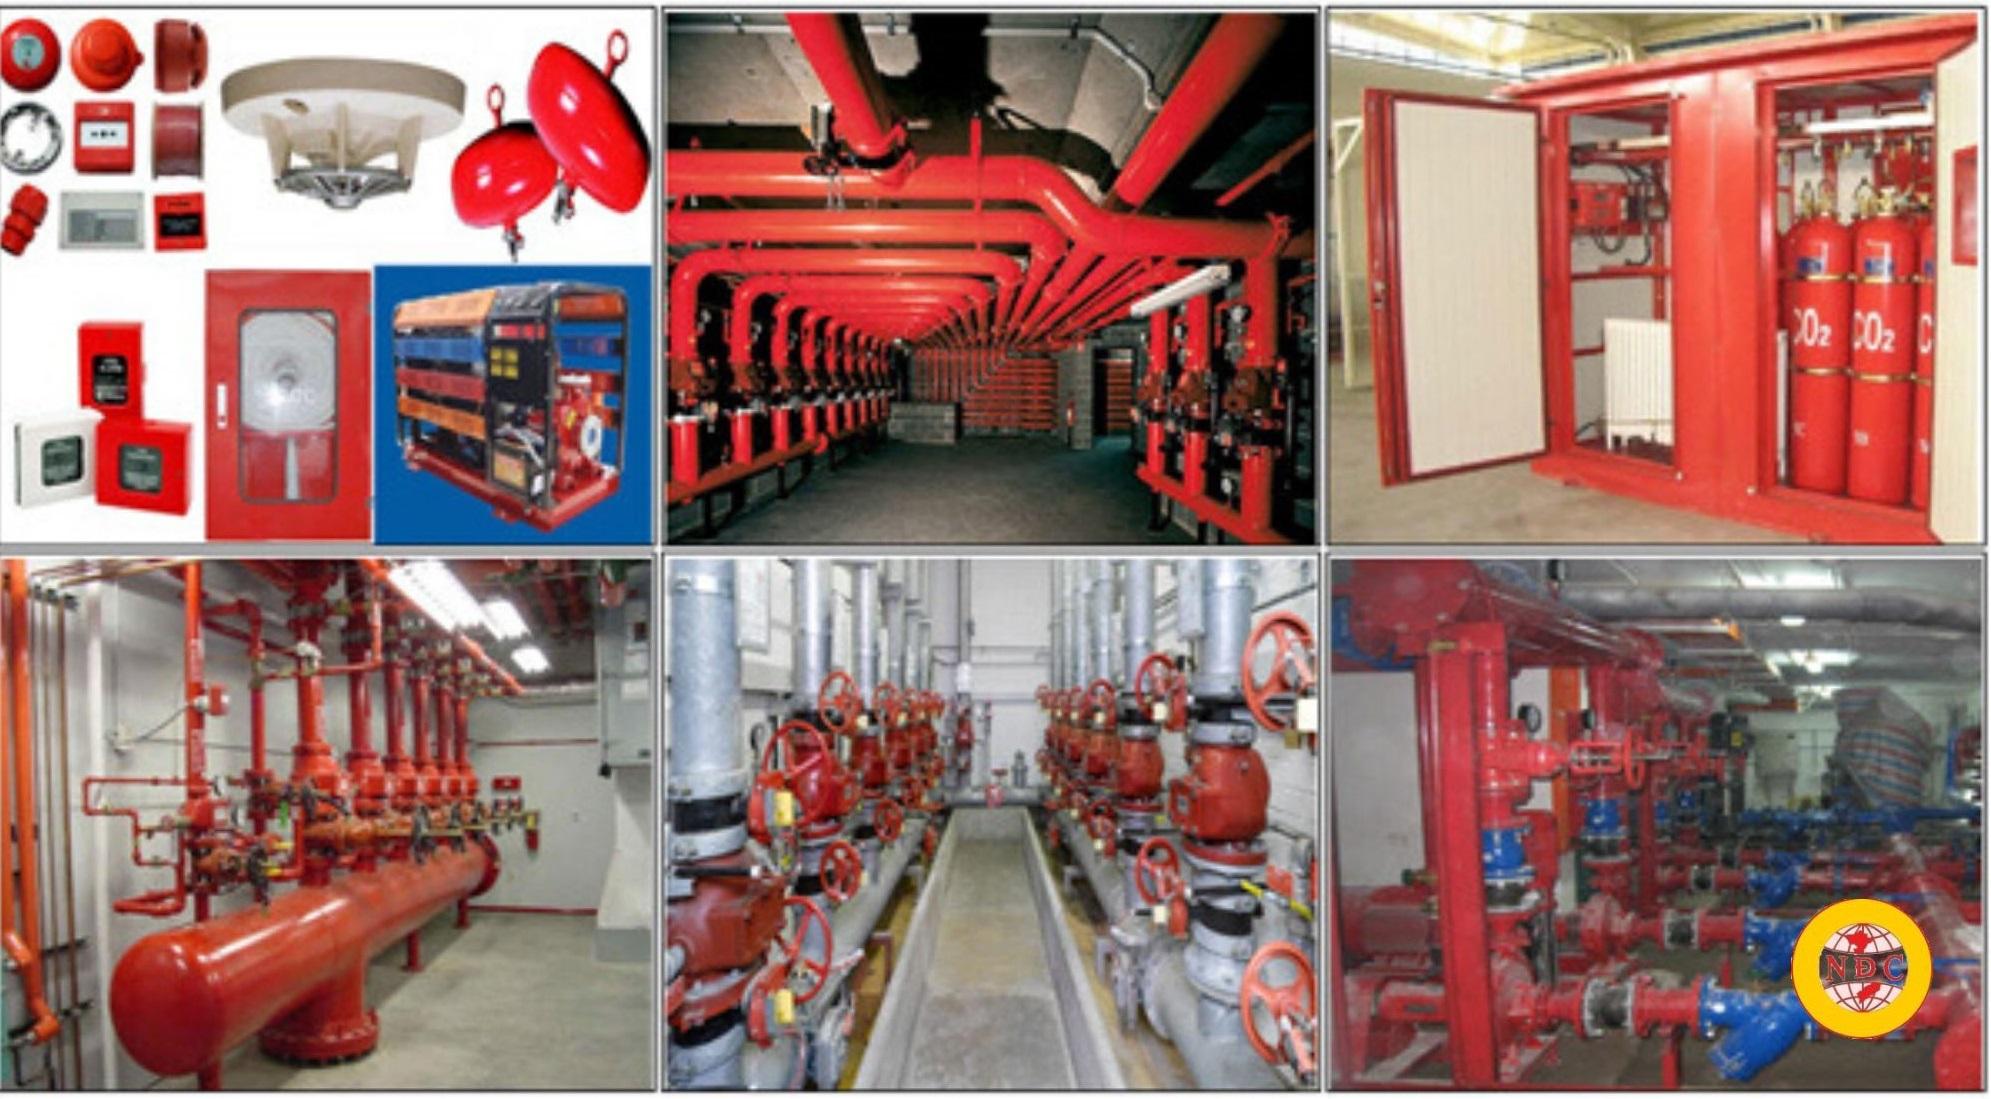 5 Hệ Thống Chữa Cháy Đạt Chuẩn & An Toàn Nhất Hiện Nay